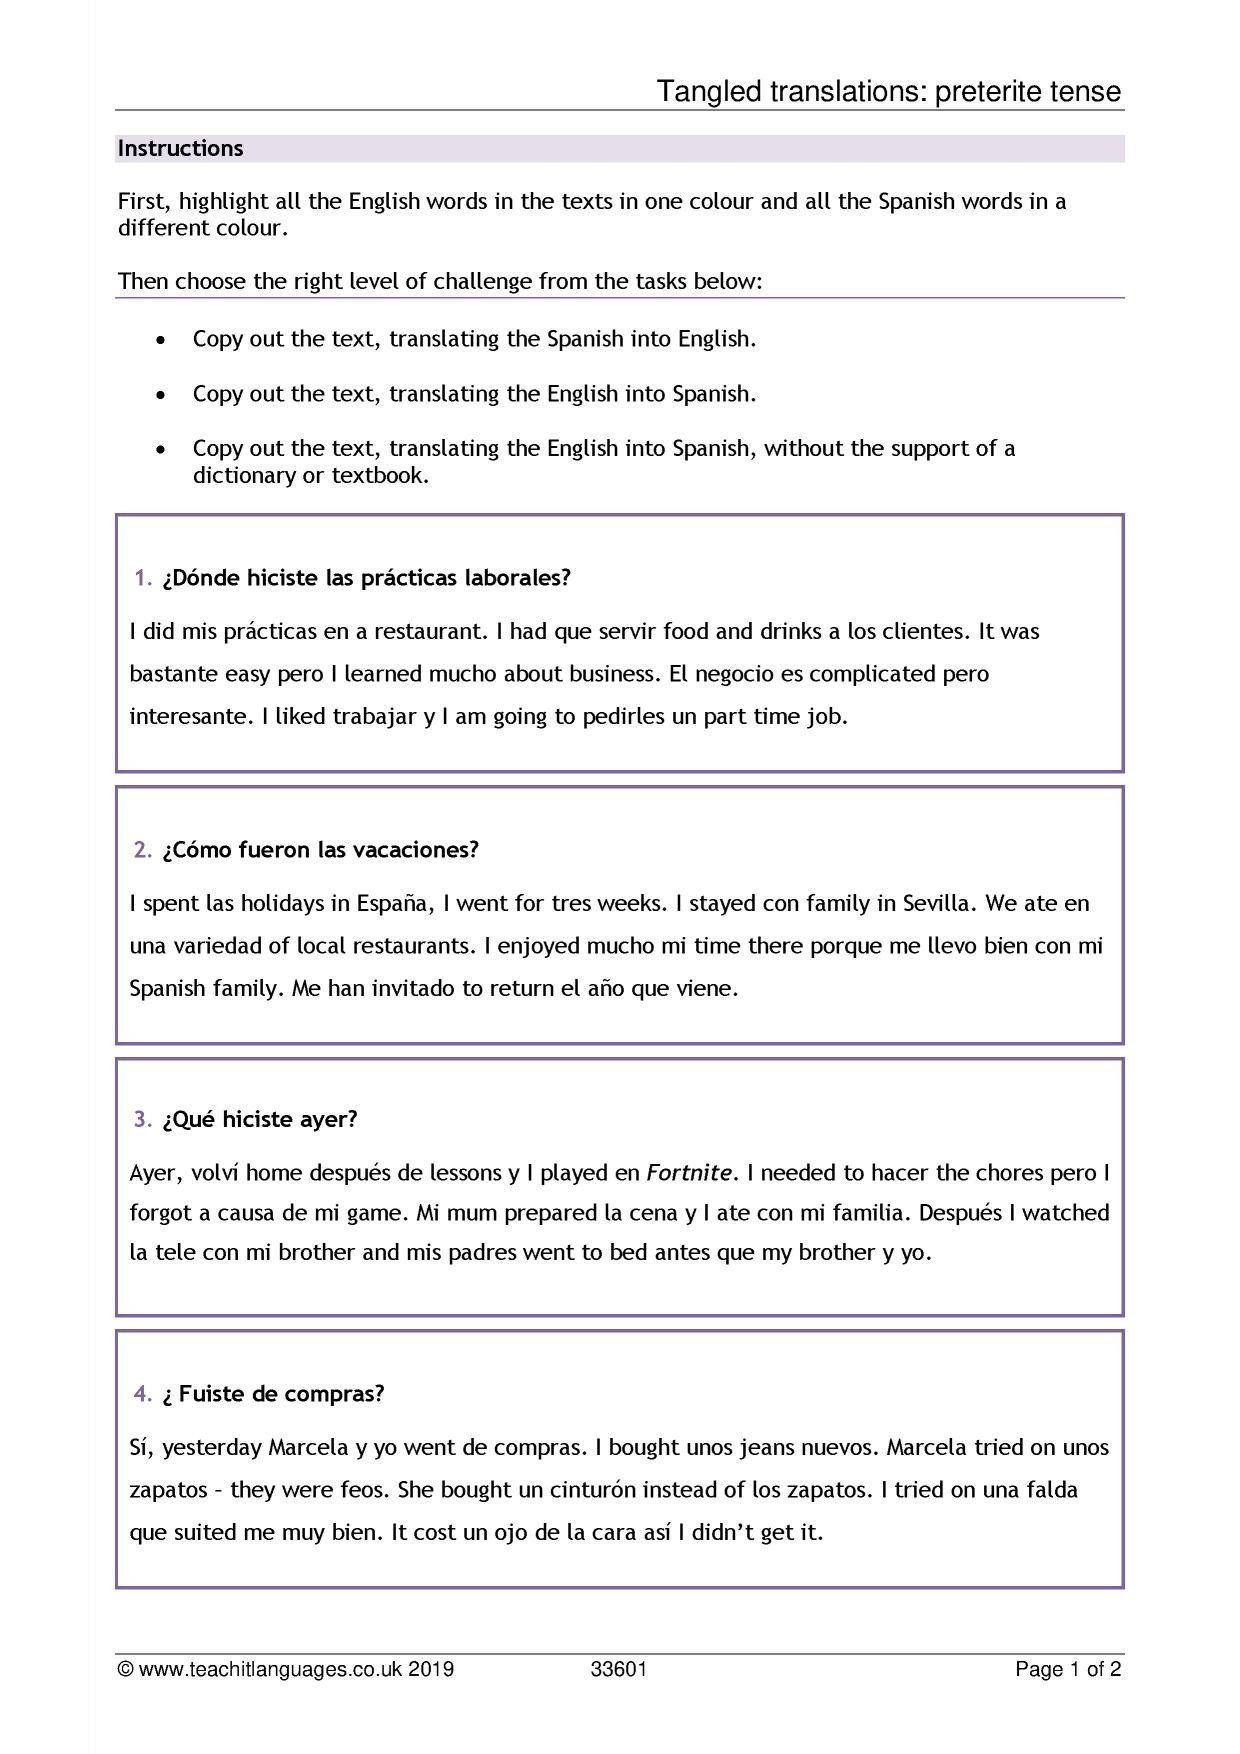 El Robot Spanish Worksheet Answers Spanish Language Teaching Resources Teachit Languages In 2020 Language Teaching Book Report Templates Teaching Resources